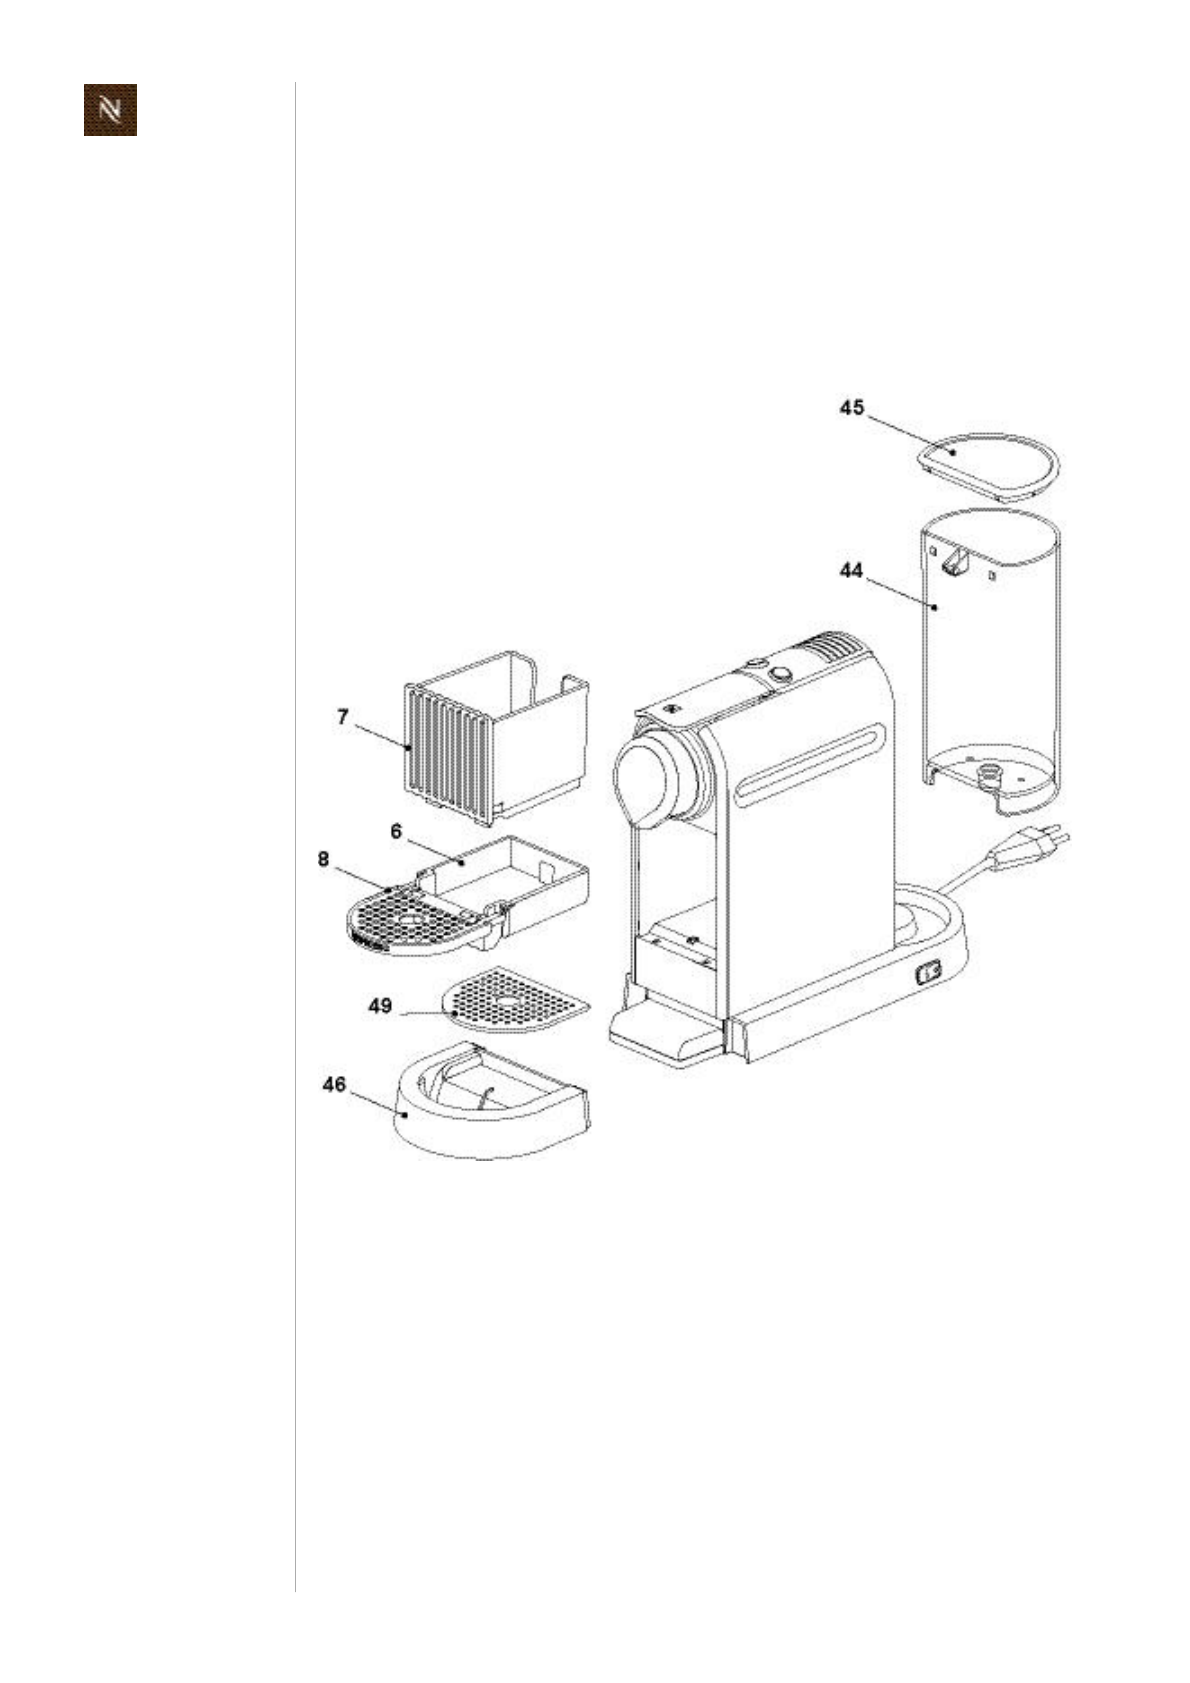 nespresso citiz descaling instructions pdf